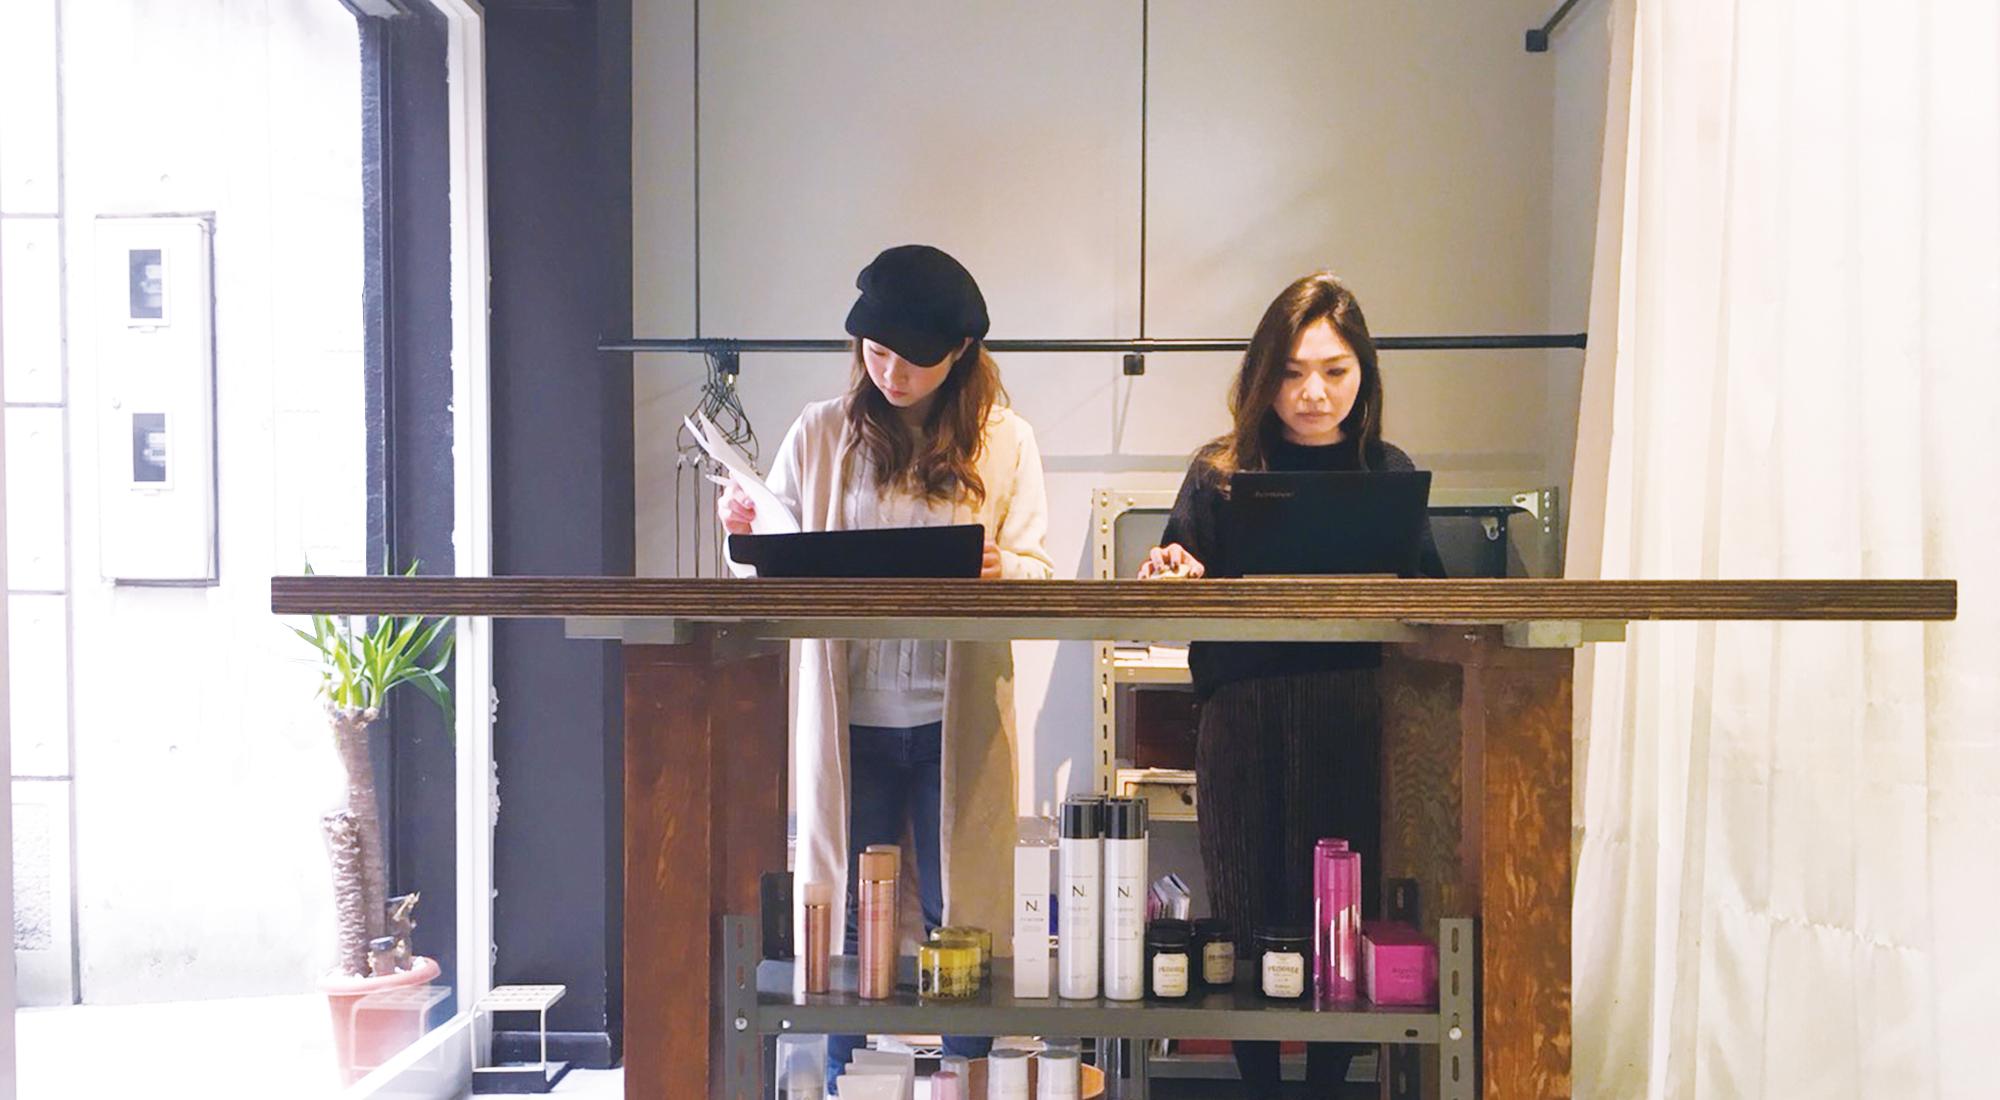 大阪市福島区の隠れ家美容院|ヘアー&アイラッシュ|RGBgarage | アールジービーガレージ